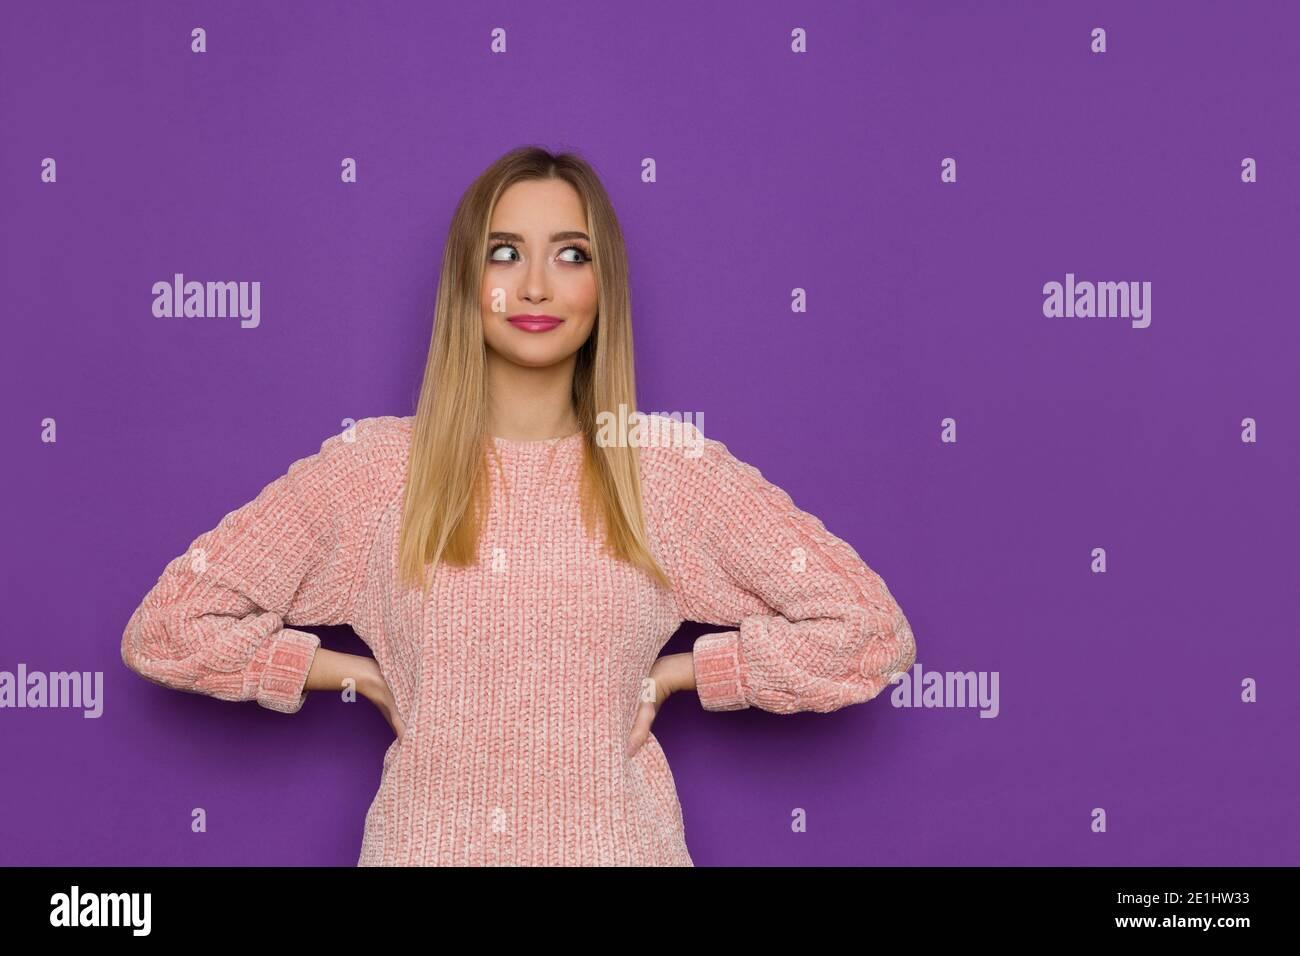 Jolie jeune femme en chandail rose pose avec les mains sur la hanche et regarde sur le côté. Taille haute, prise en studio sur fond violet. Banque D'Images